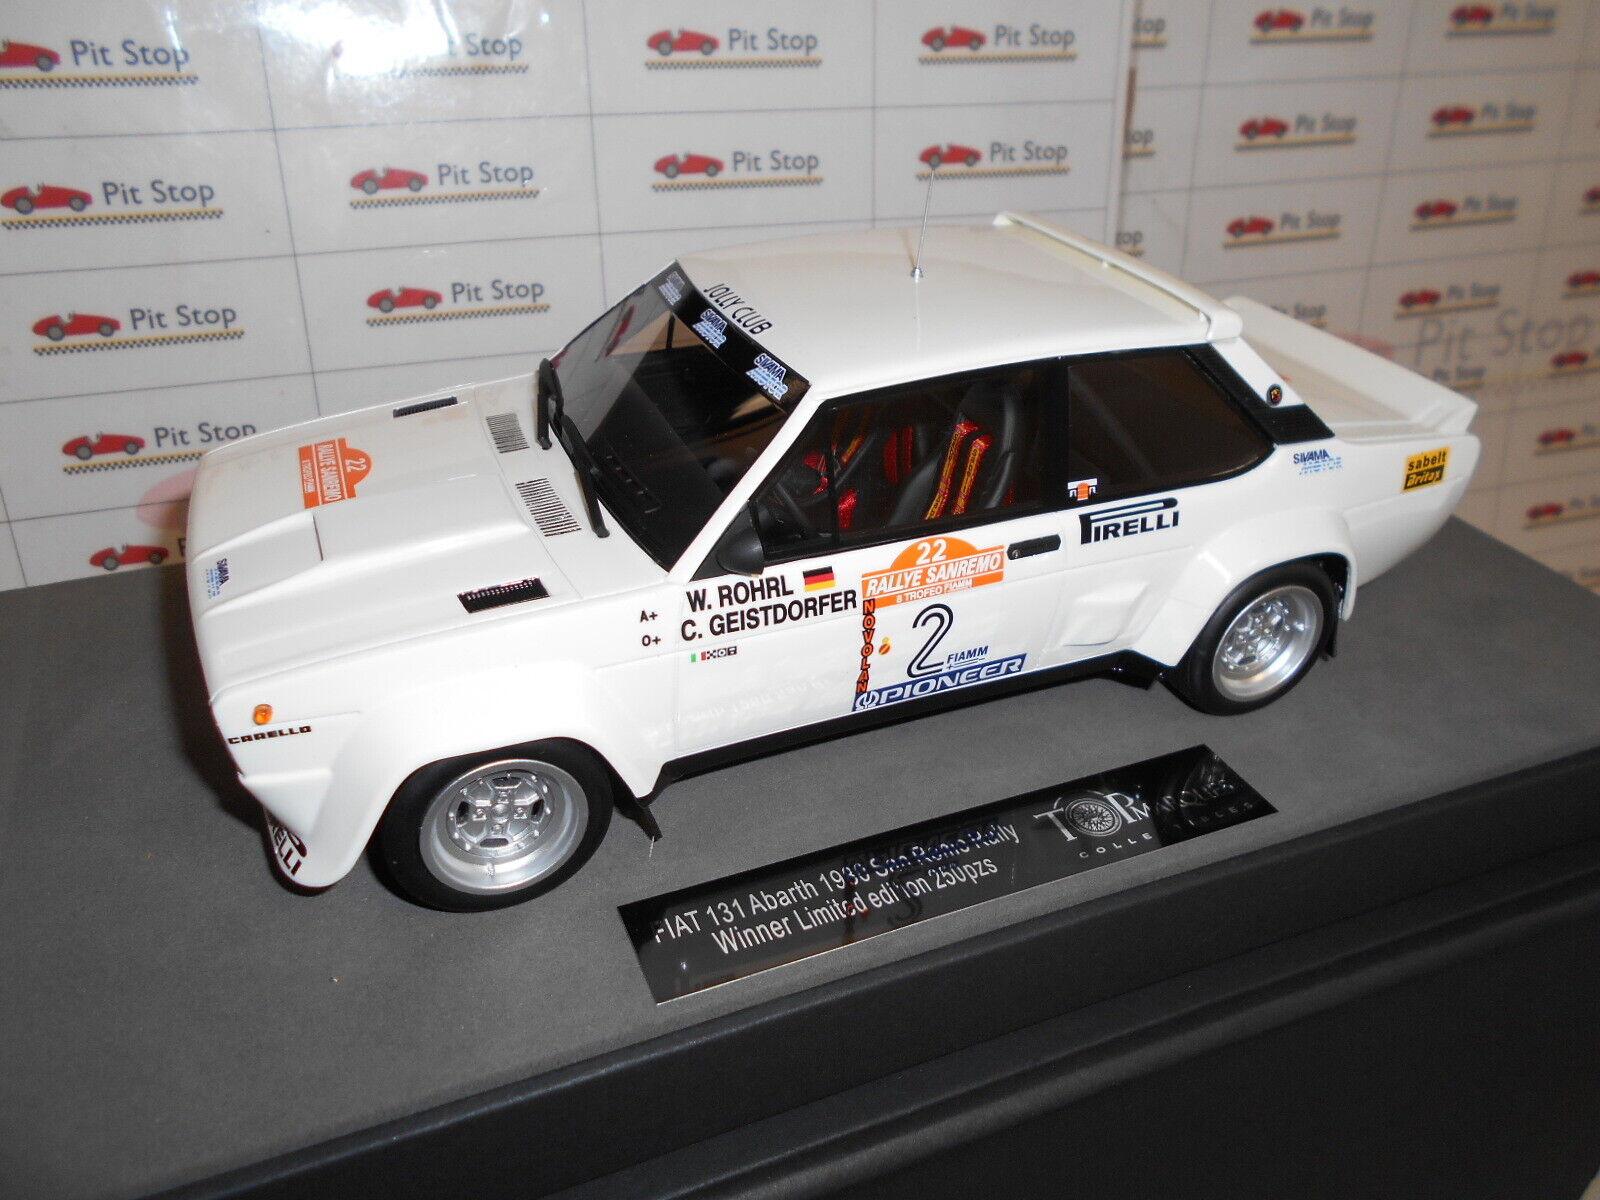 TOP043D FIAT 131 ABARTH ROHRL-GEISTDORFER ROHRL-GEISTDORFER ROHRL-GEISTDORFER WINNER SANREMO 1980 1 18 29cf83